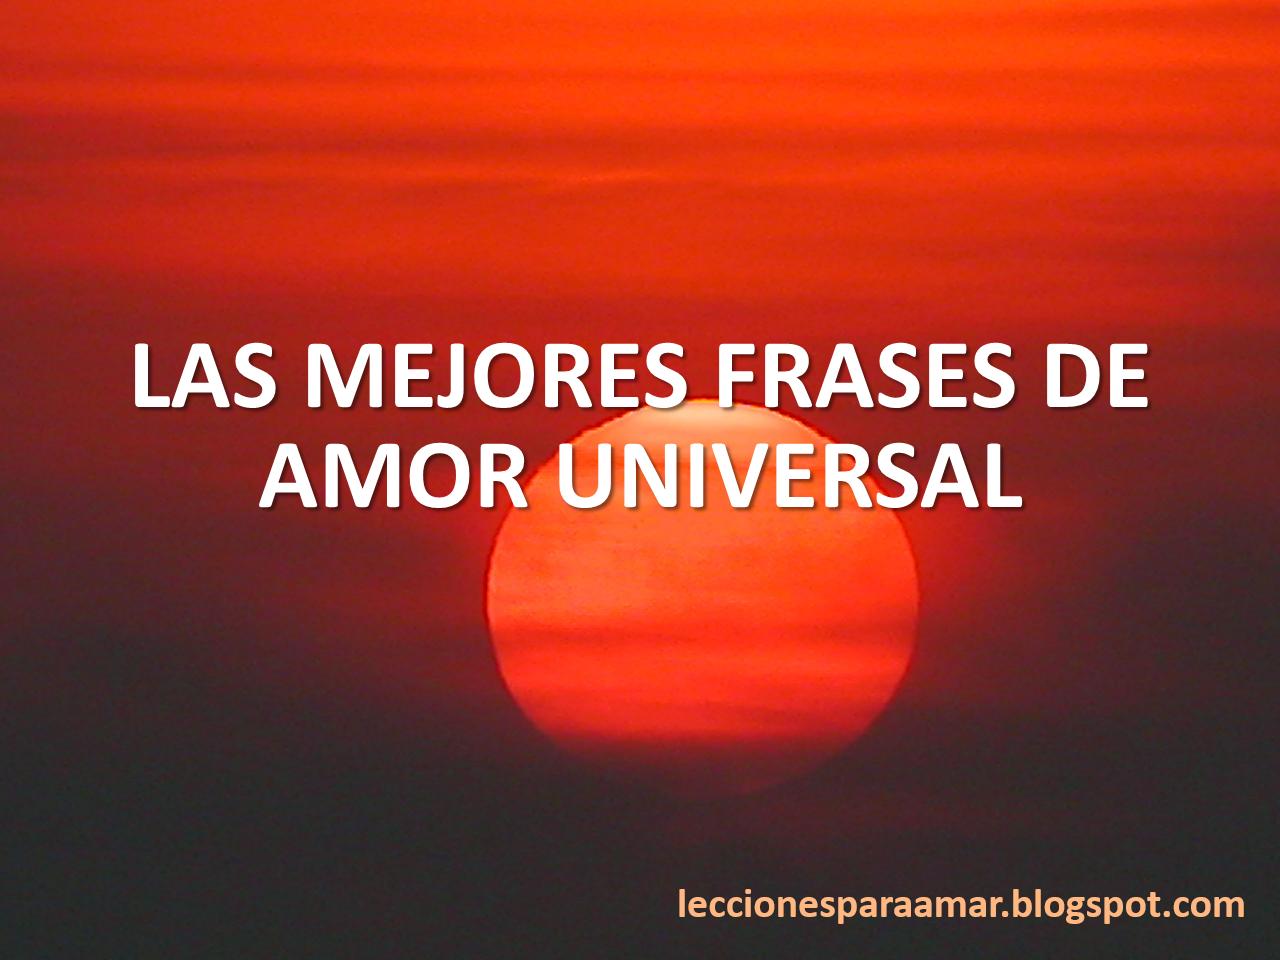 El Amor Frases: Lecciones Para Amar: Frases Célebres De Amor Universal